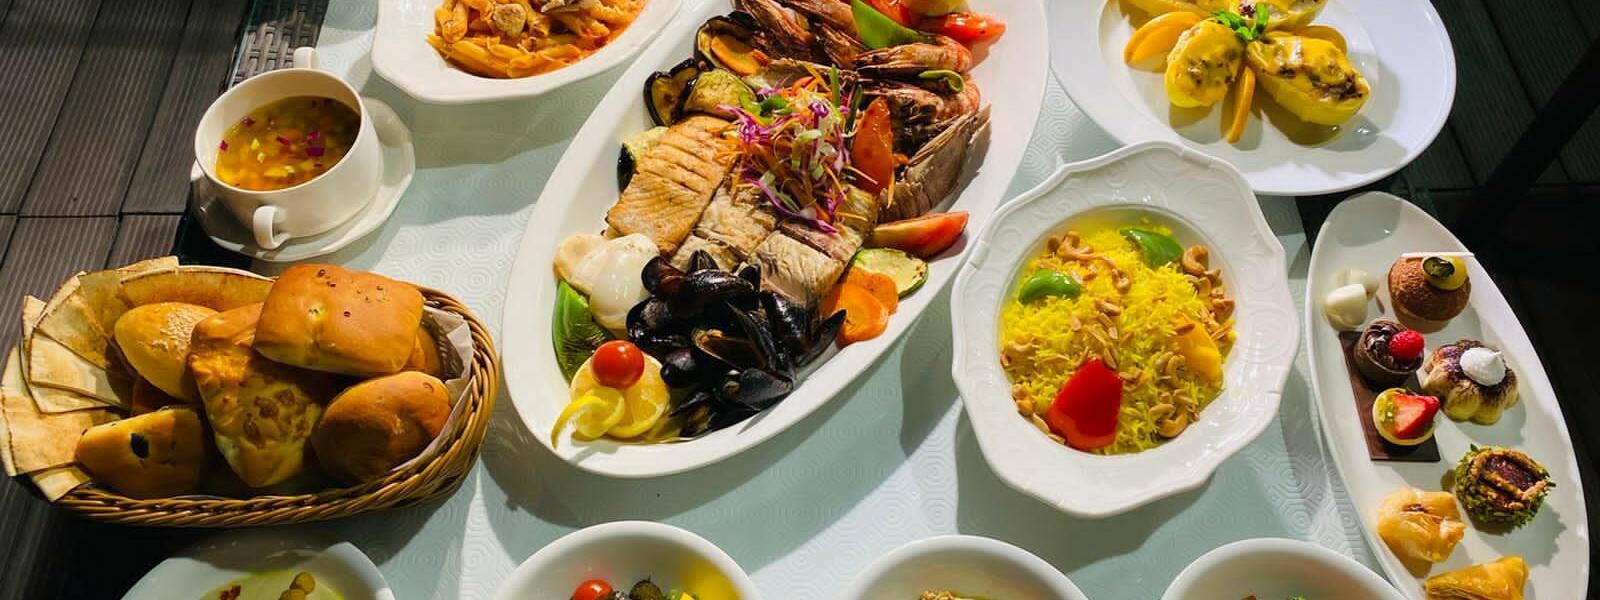 ليلة المأكولات البحريّة وركن السوشي